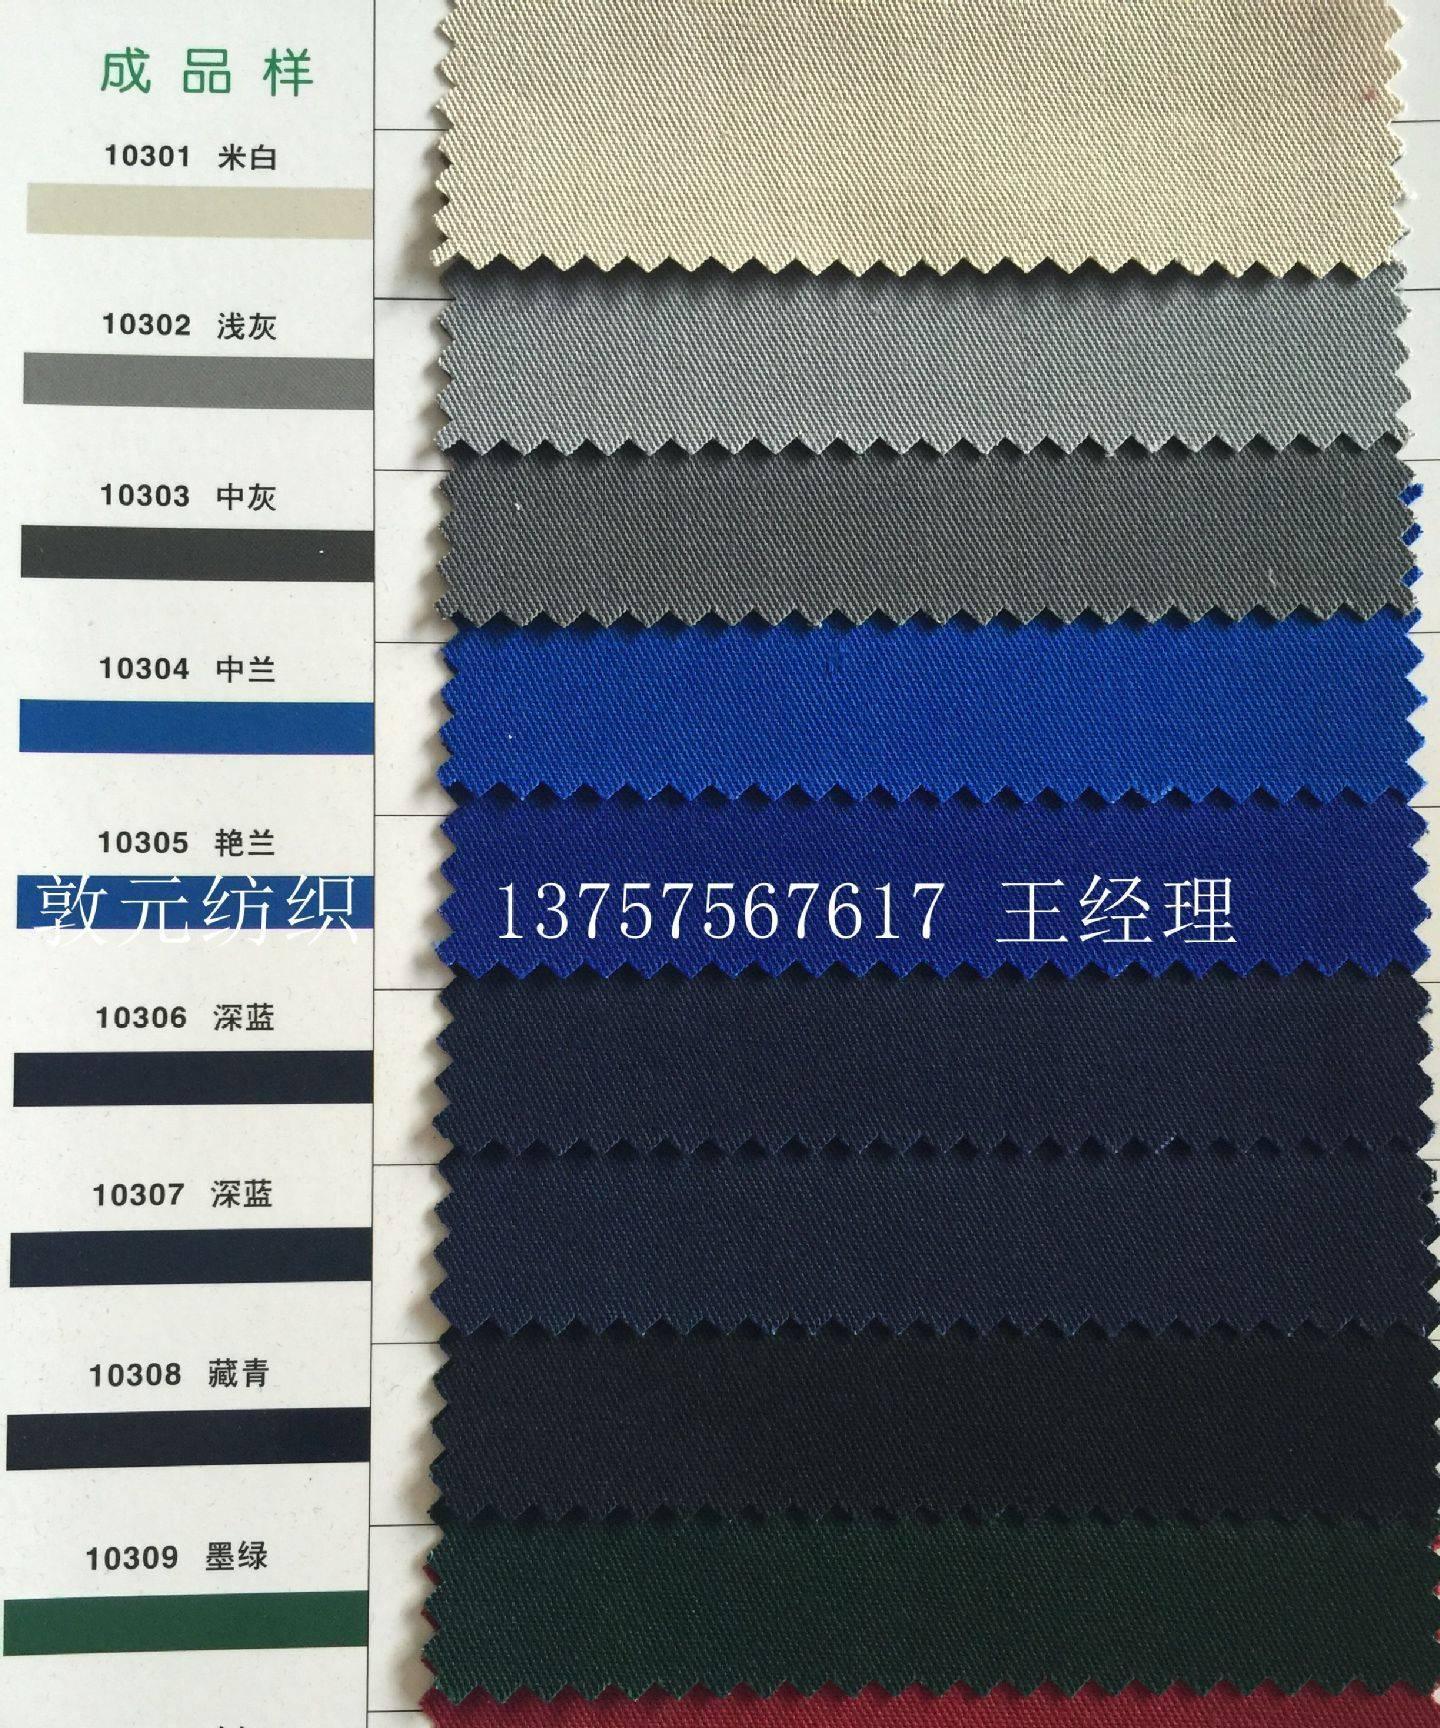 滌棉斜紋面料現貨 T/C 65/35 1414 235GSM 工作服制服工裝布料圖片